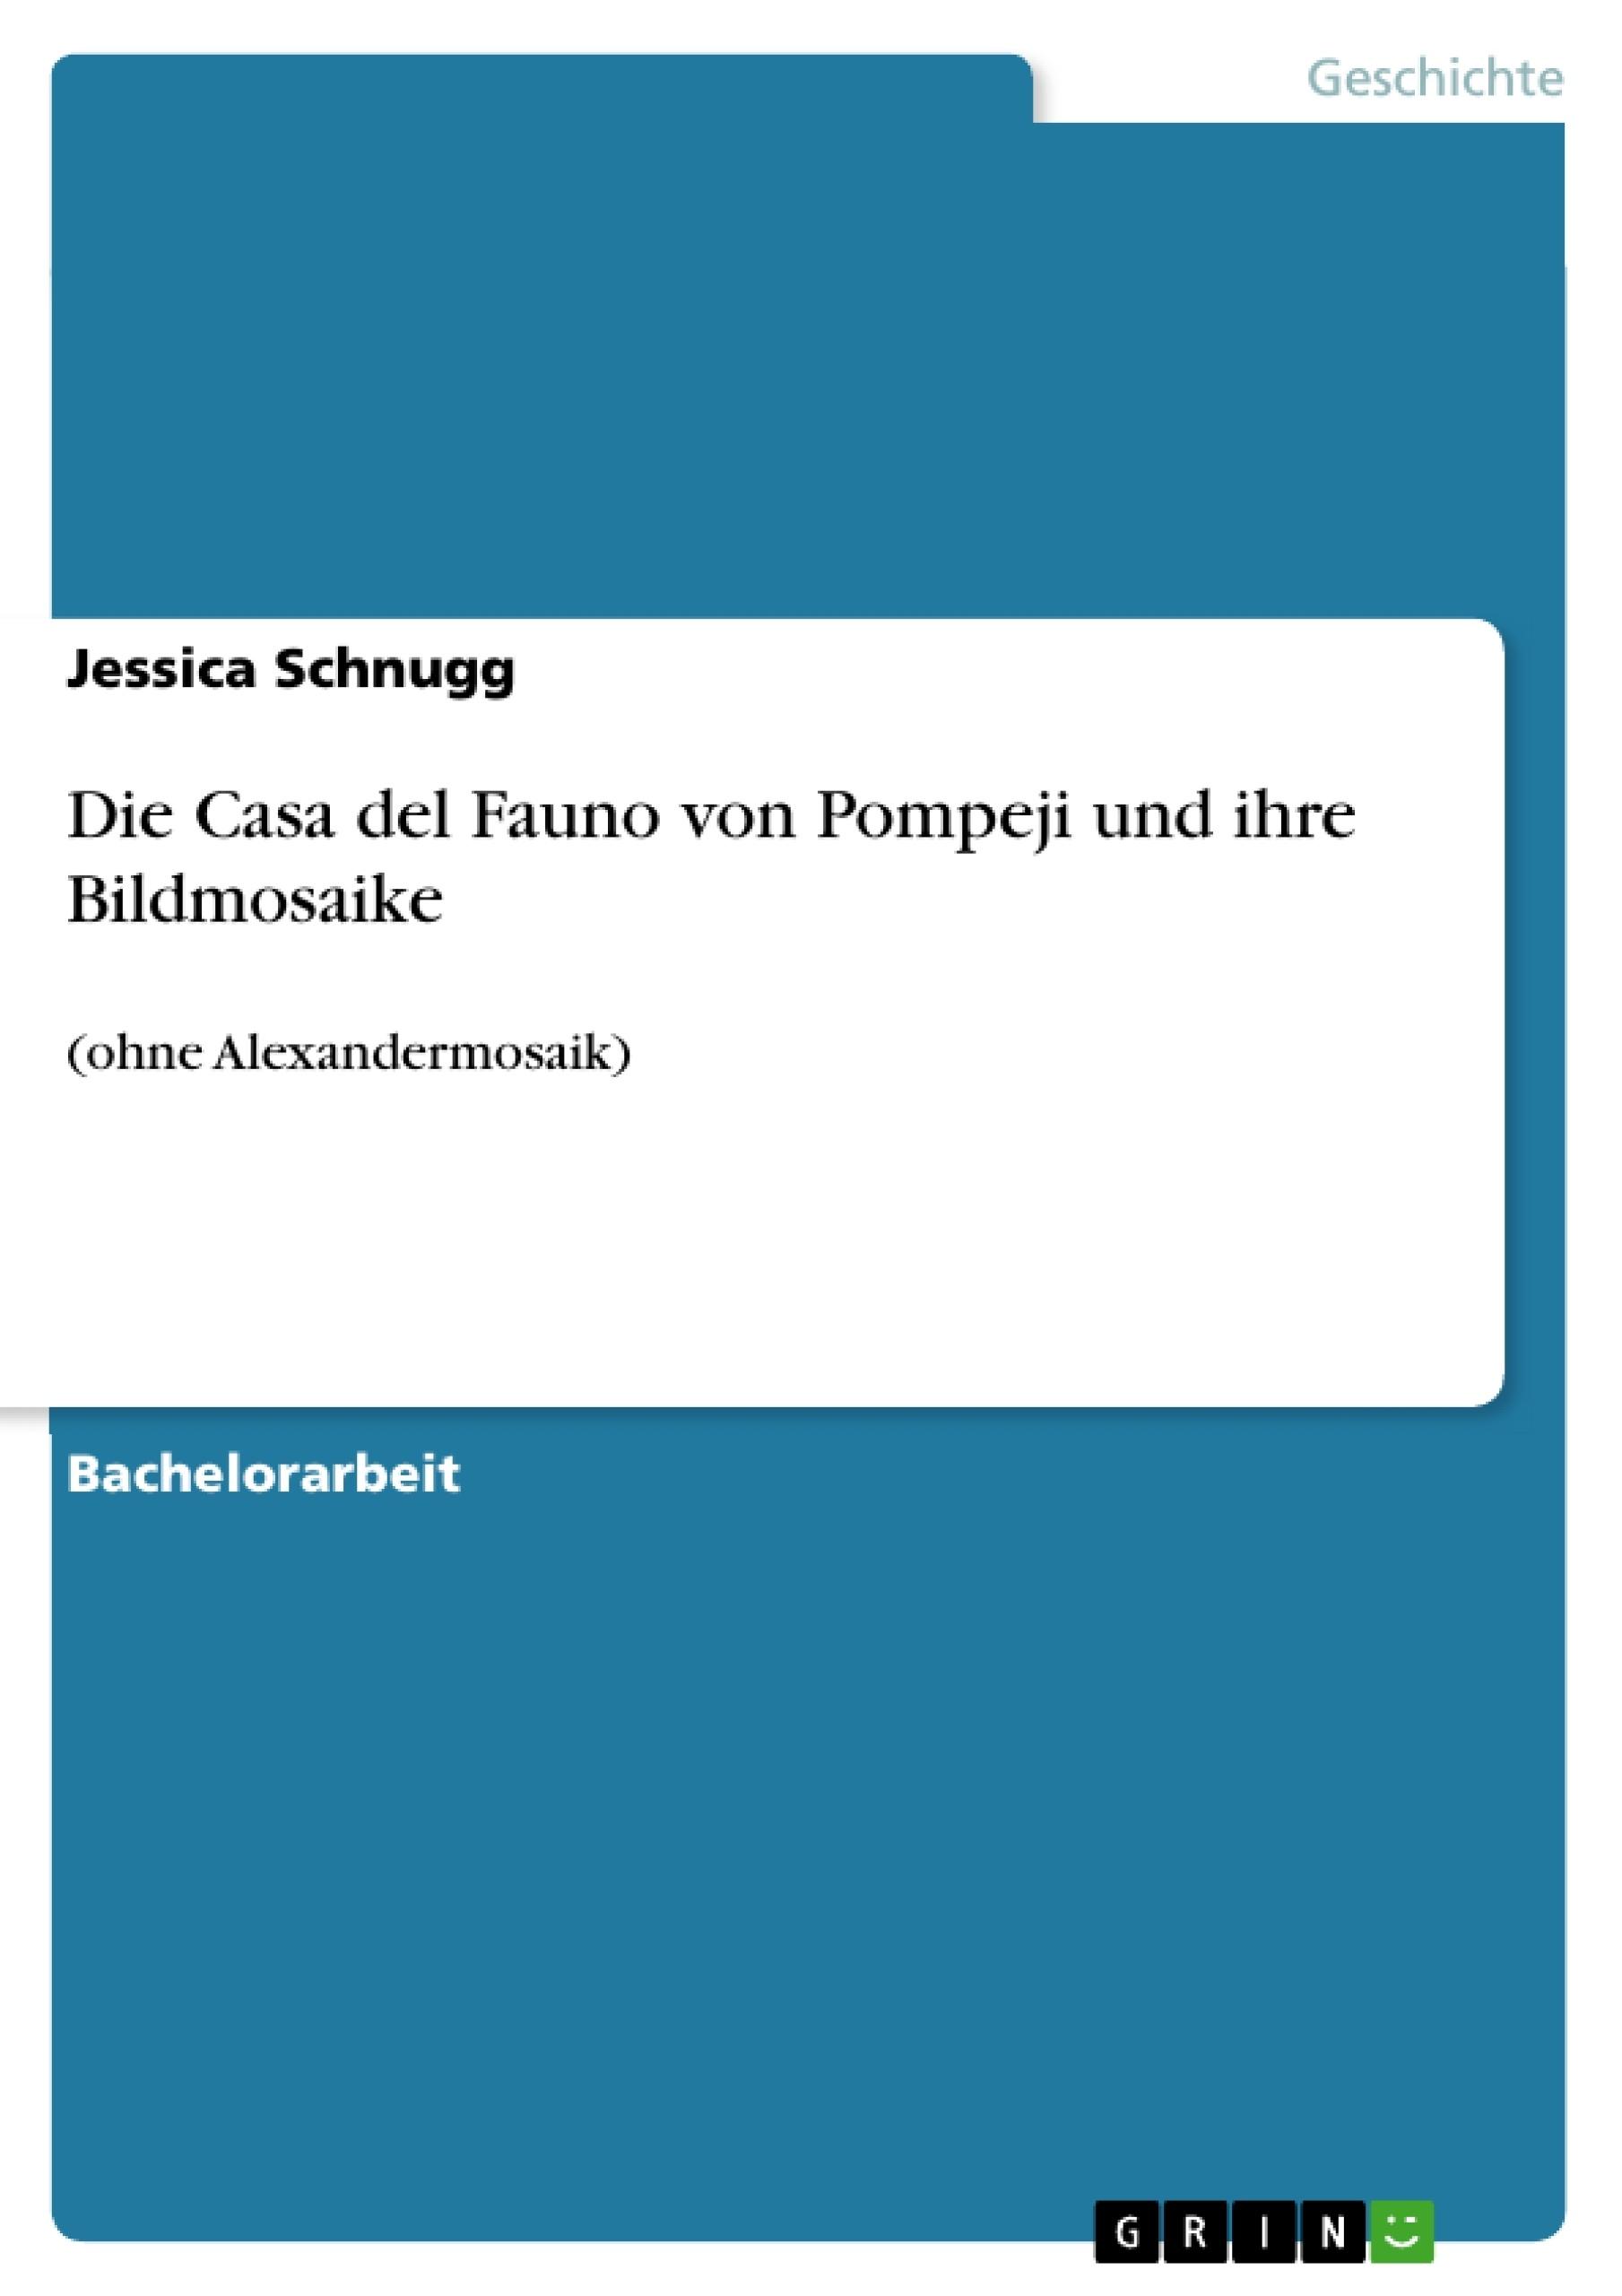 Titel: Die Casa del Fauno von Pompeji und ihre Bildmosaike